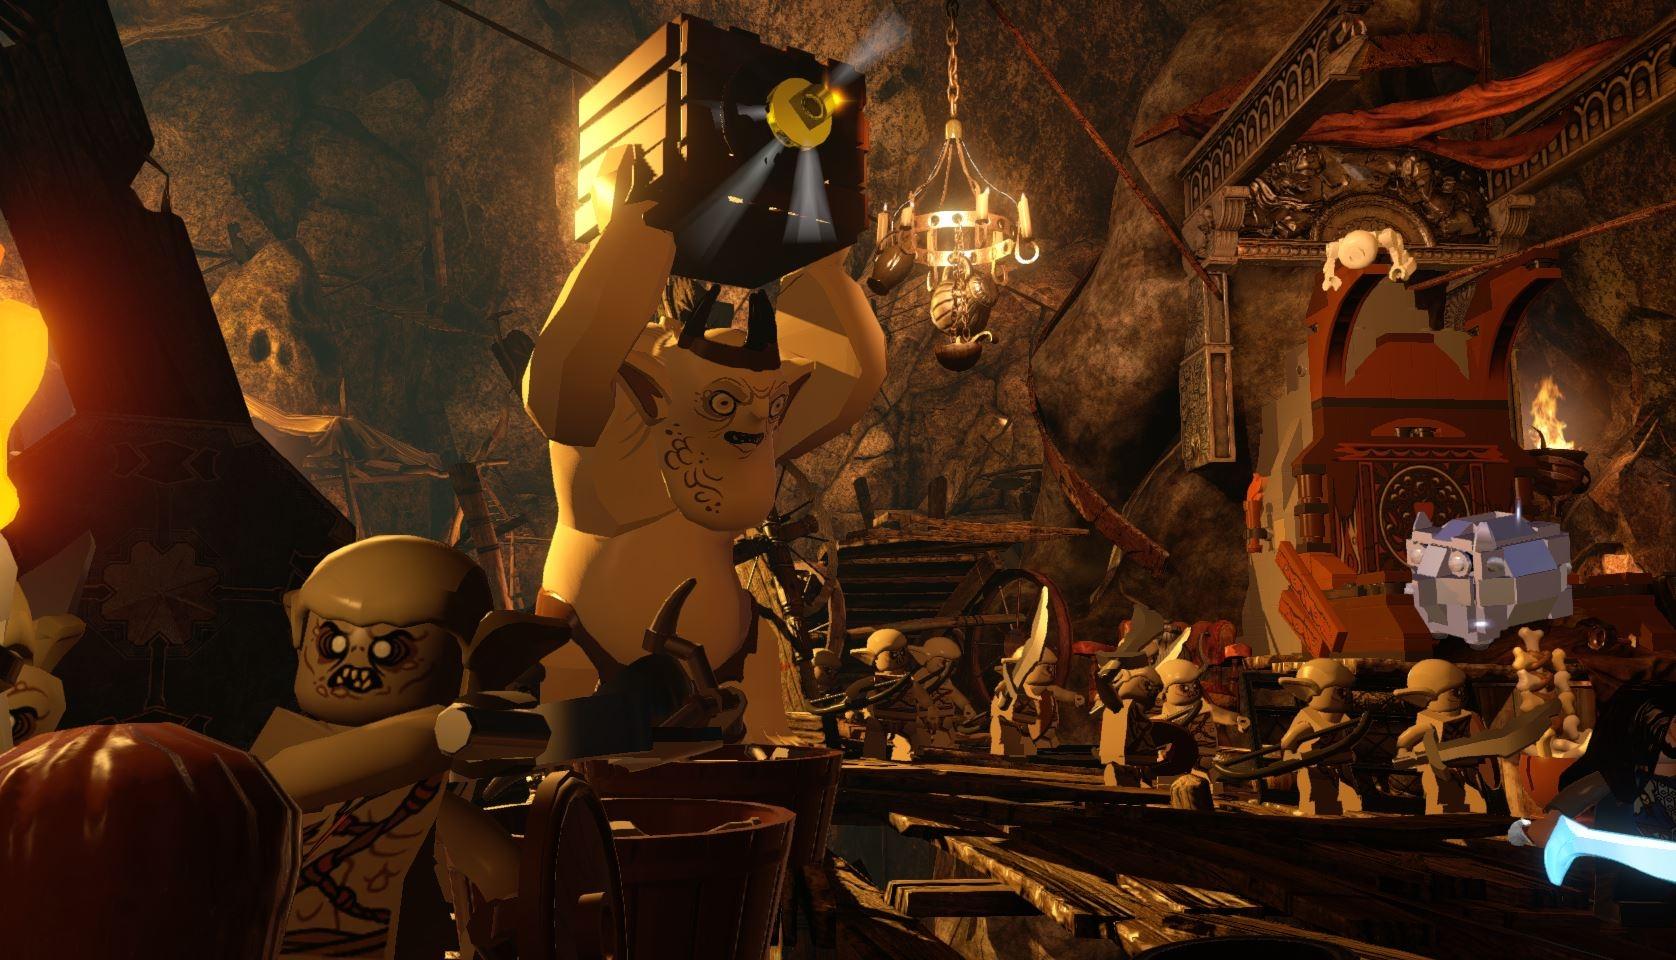 Lego The Hobbit desktop wallpaper 2 of 15 Video Game Wallpapers 1676x960